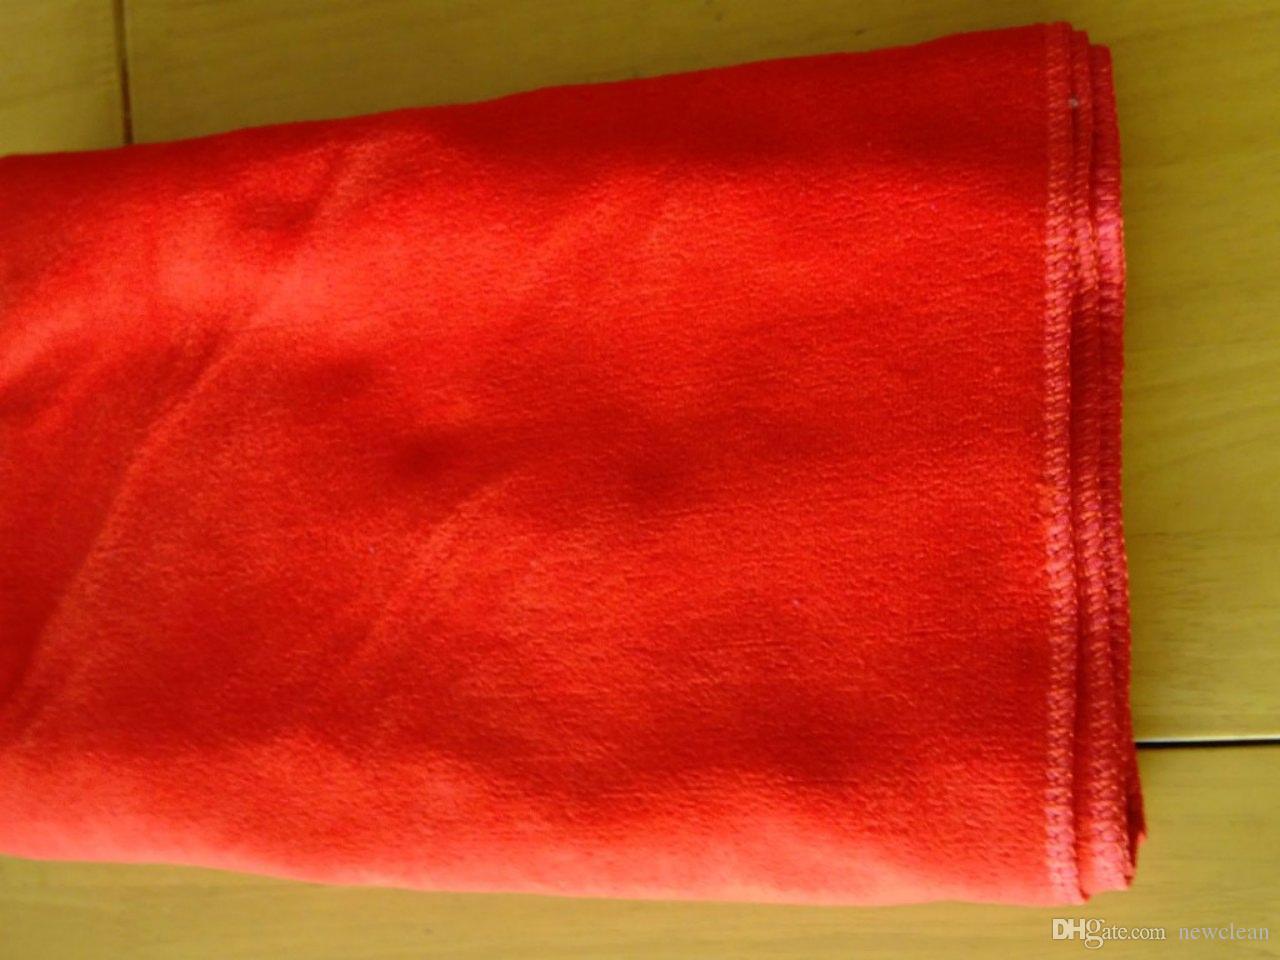 حديثا تصميم 33x66cm ماص ستوكات تجفيف حمام الشاطئ منشفة تجفيف الشعر منشفة ملابس الاستحمام منشفة منشفة